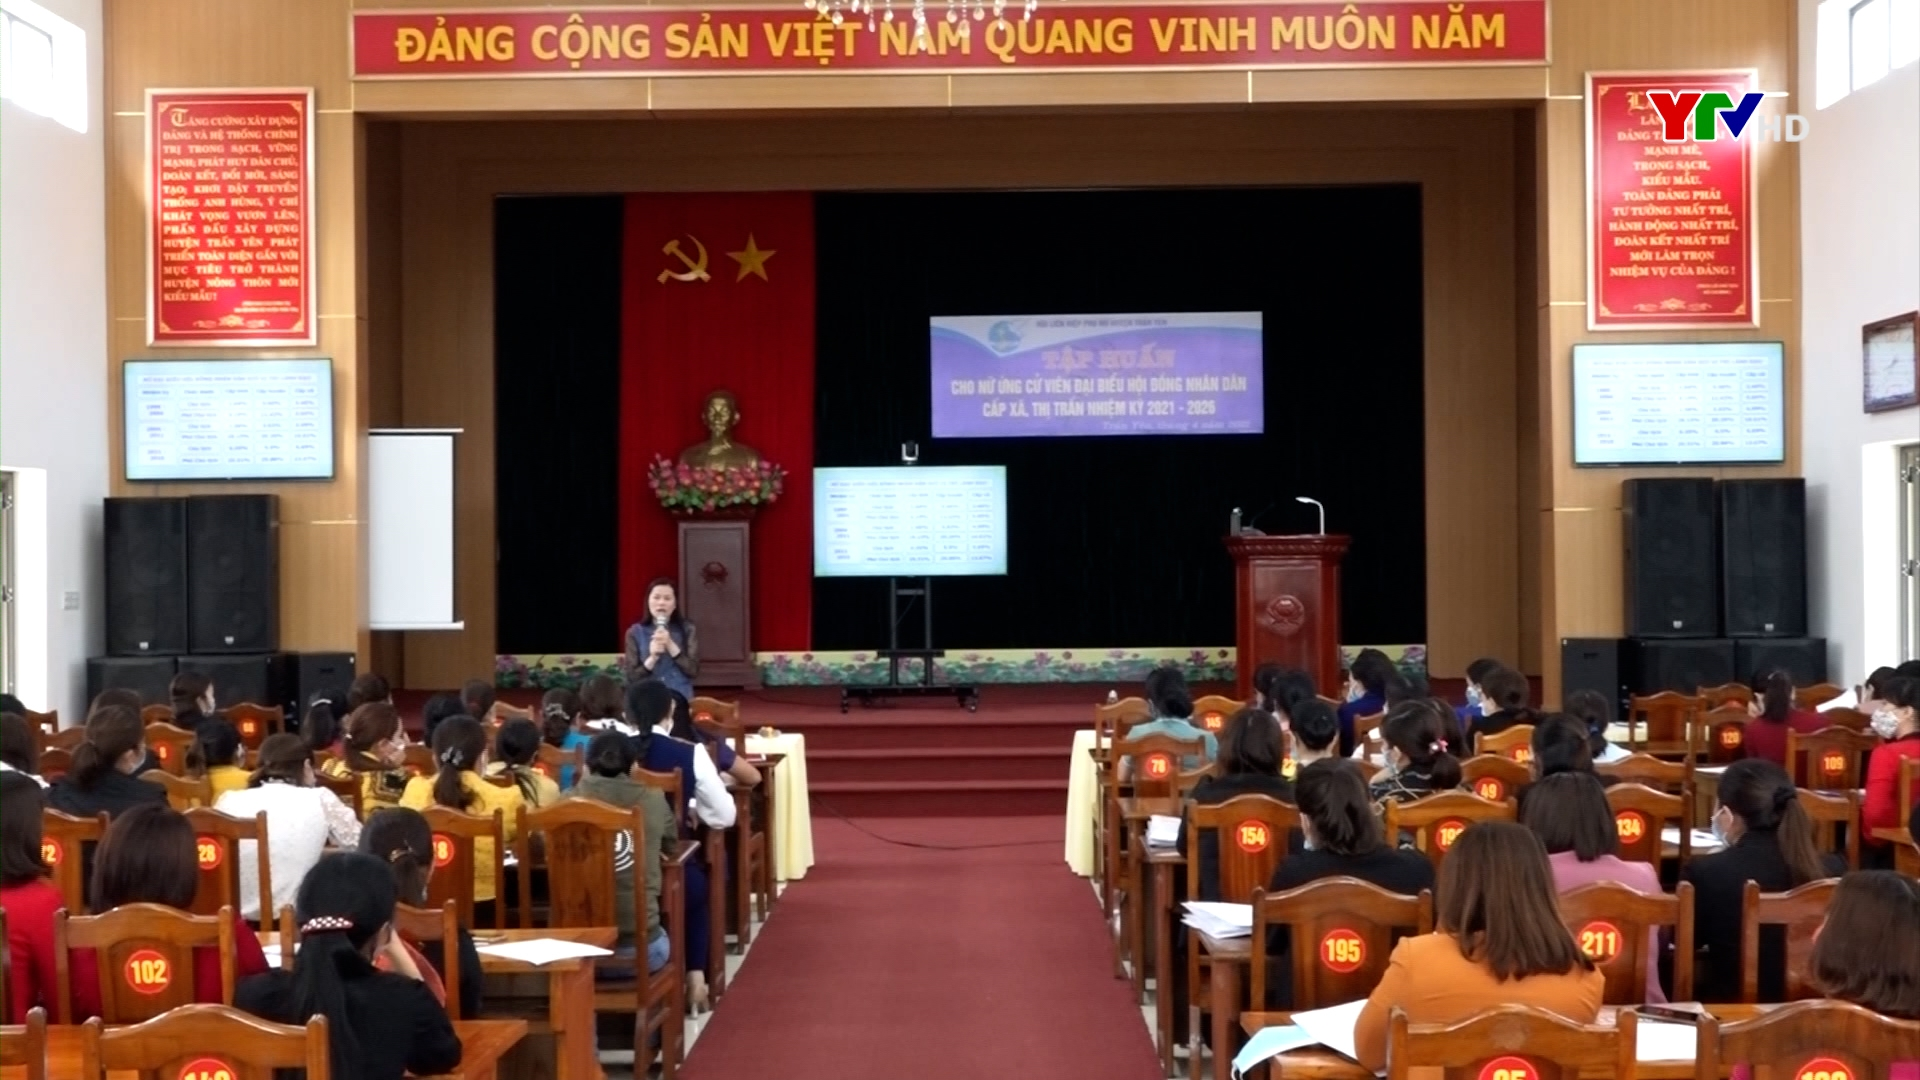 Trấn Yên: Tập huấn cho đại biểu nữ tham gia ứng cử đại biểu HĐND cấp xã, thị trấn